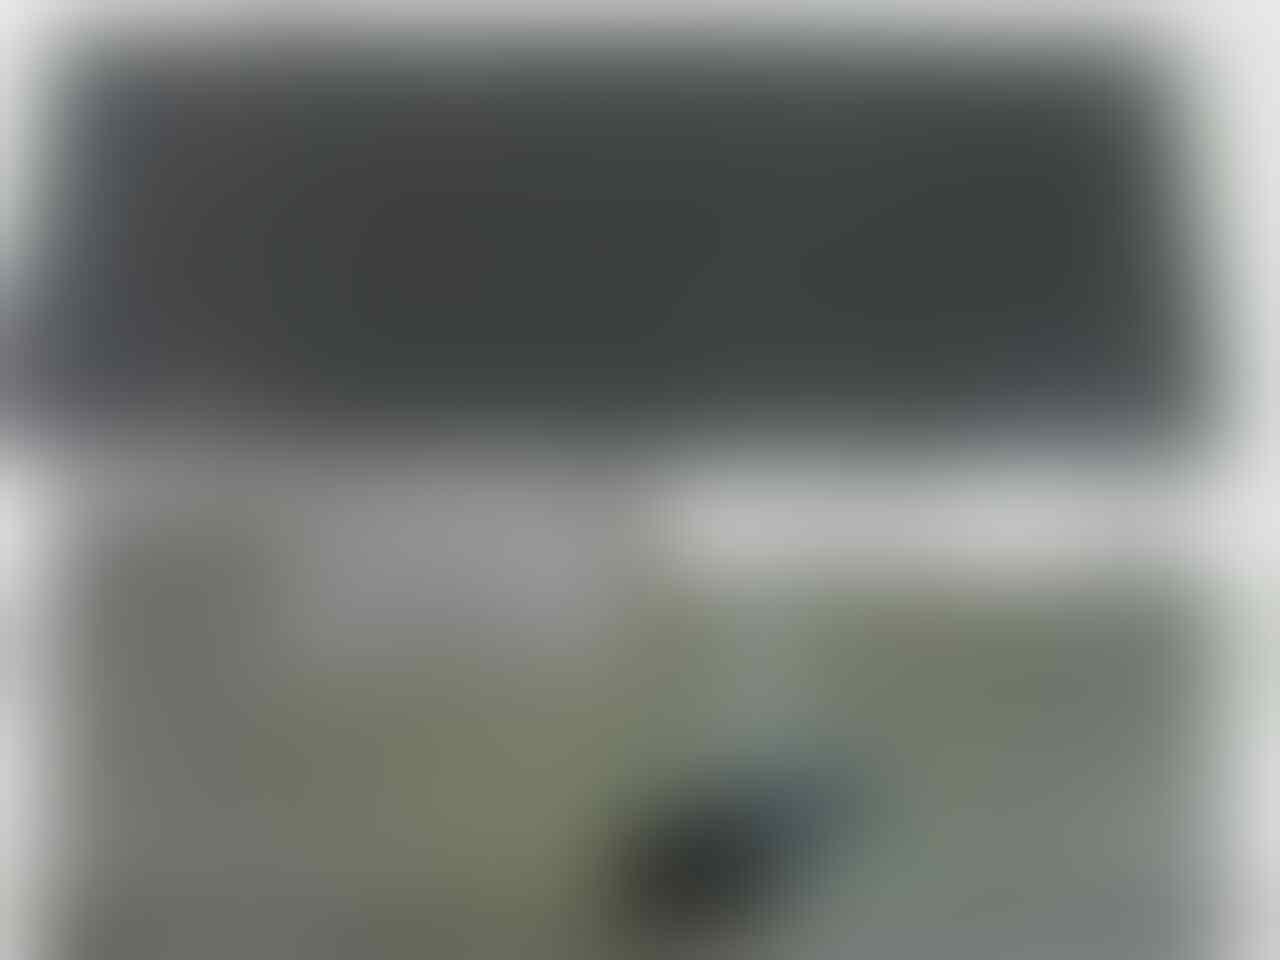 Acer 532H Netbuk Rsk, PRETELAN OK, BORONG OK - Bekasi